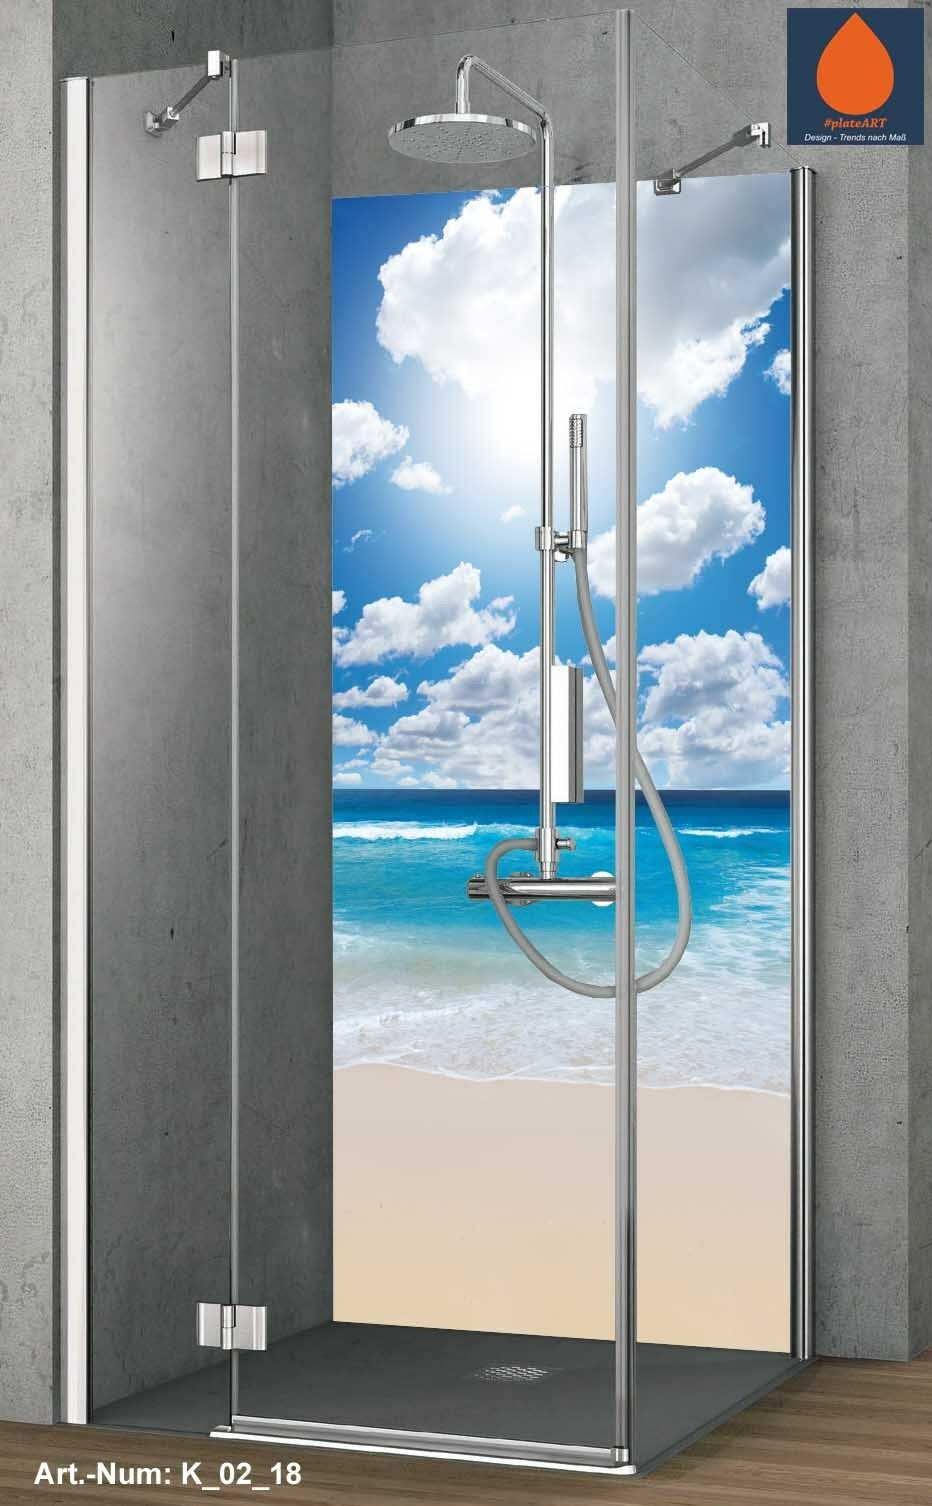 Coin duschrückwand Mur Arrière douche alu, Carreaux de rechange, Caraïbes Caraïbes Caraïbes Plage et Mer 627707